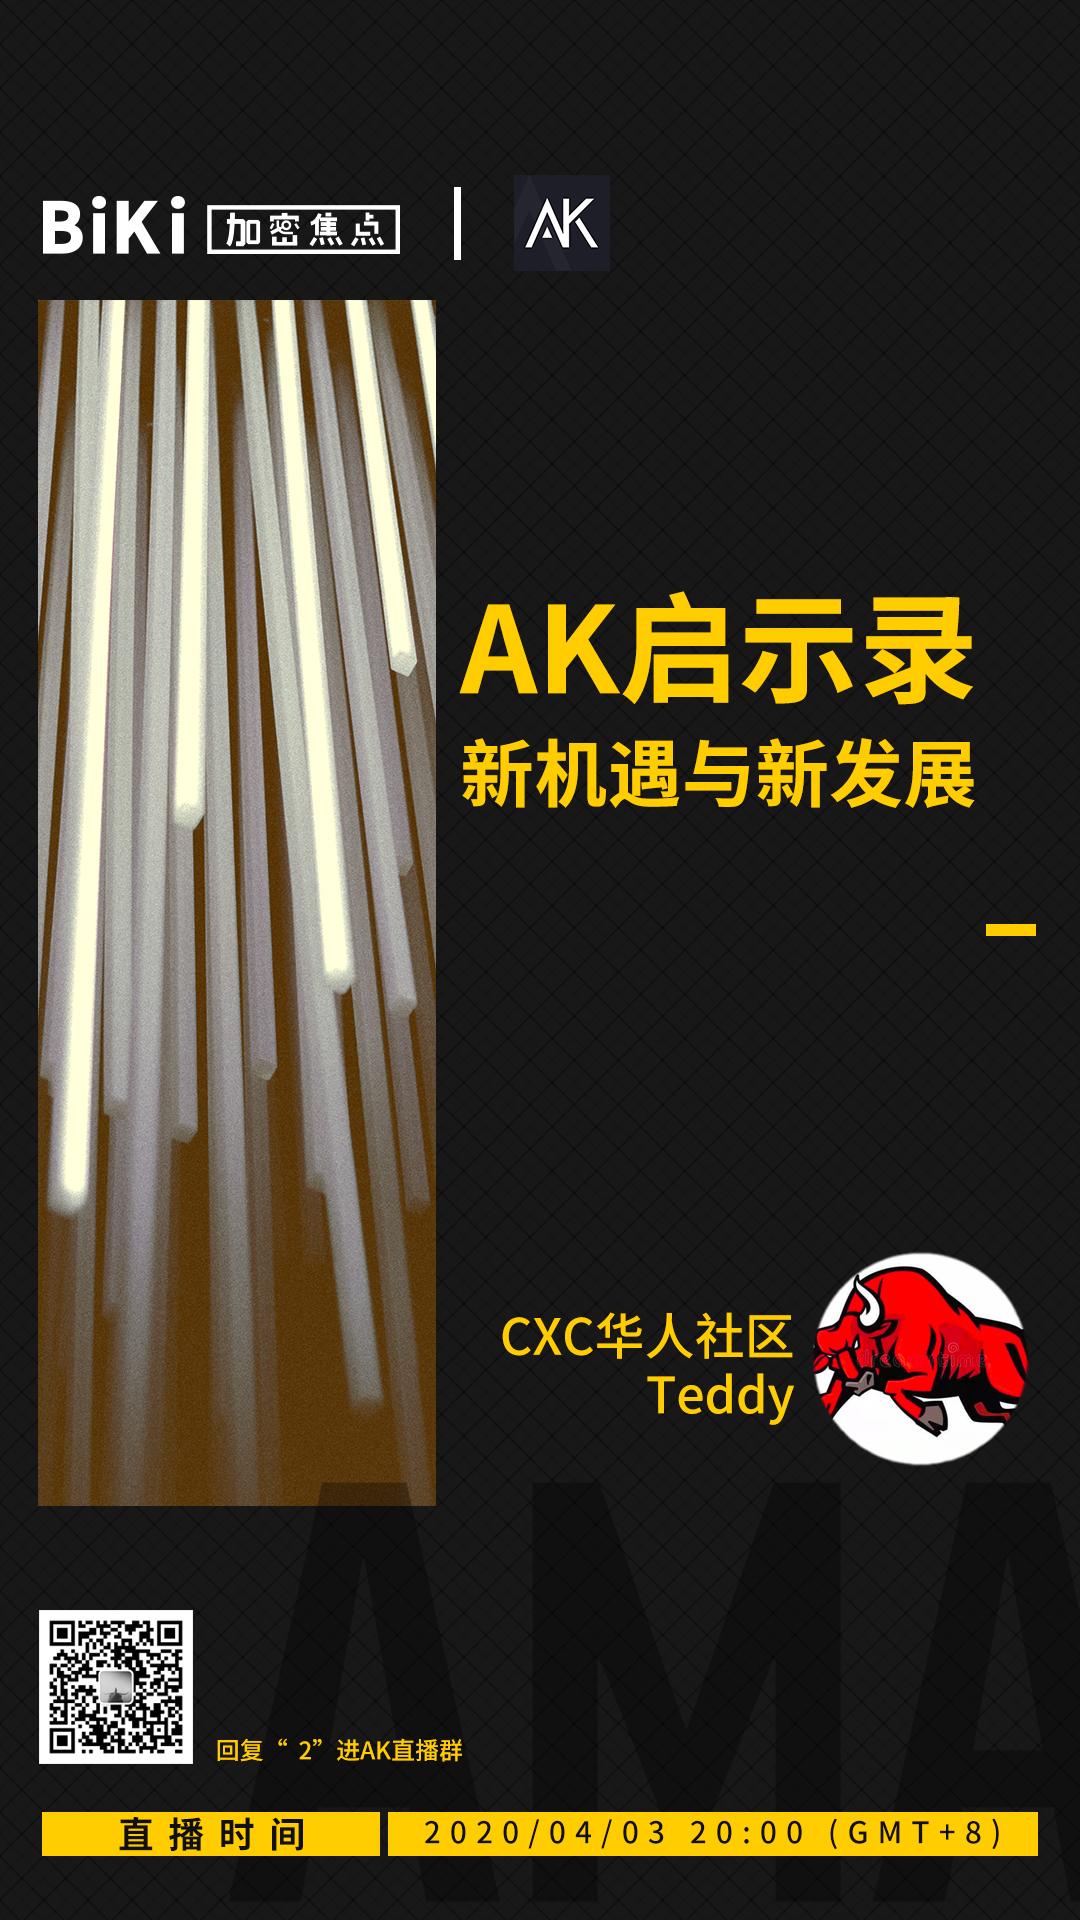 比特币新闻-BiKi加密焦点:AK启示录--新机遇与新发展